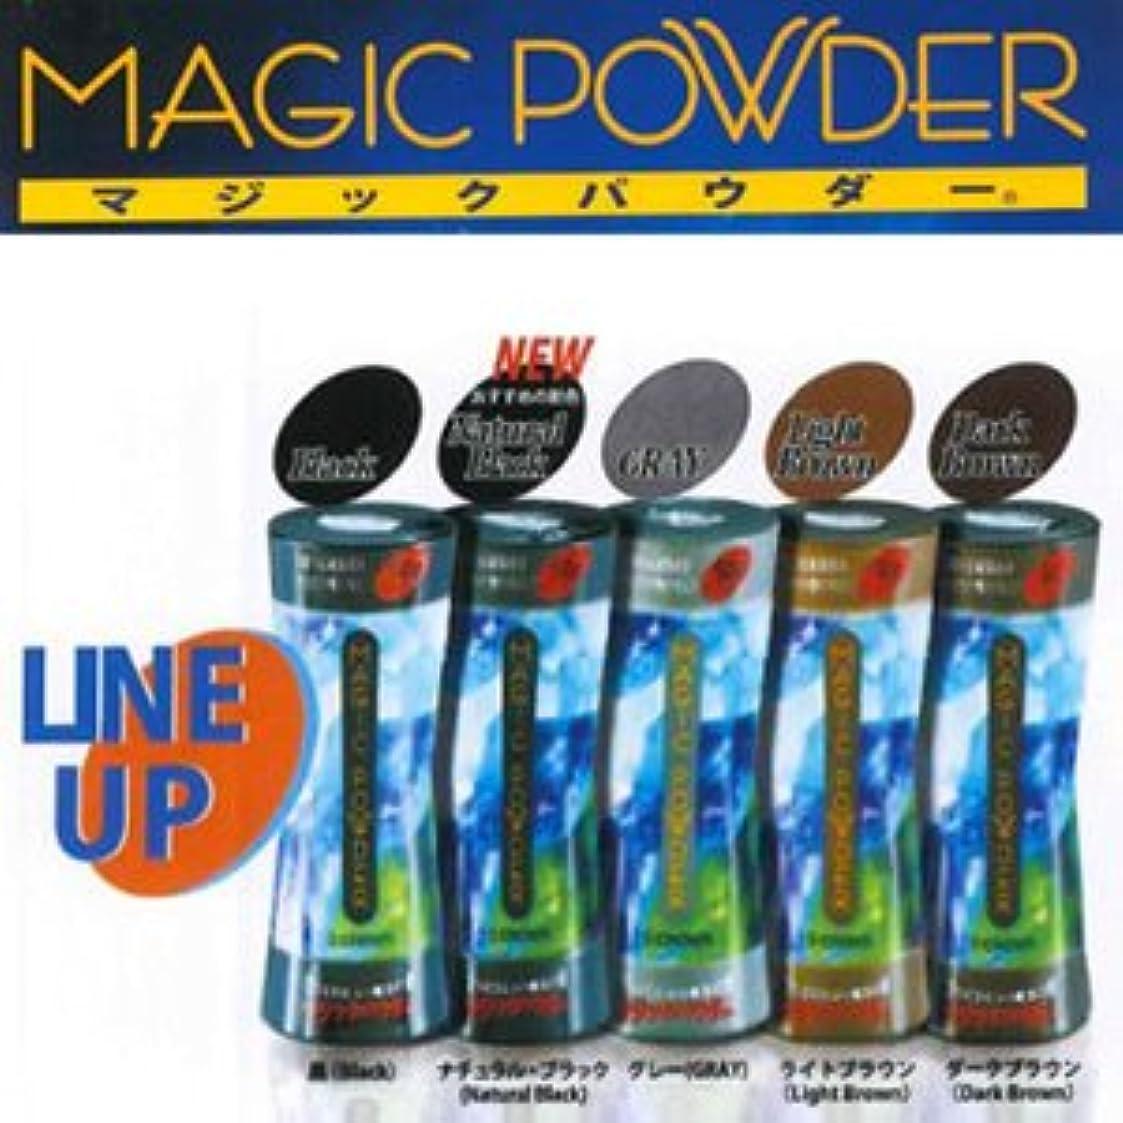 更新観光ワンダーMAGIC POWDER マジックパウダー ダークブラウン 50g  2個セット ※貴方の髪を簡単ボリュームアップ!